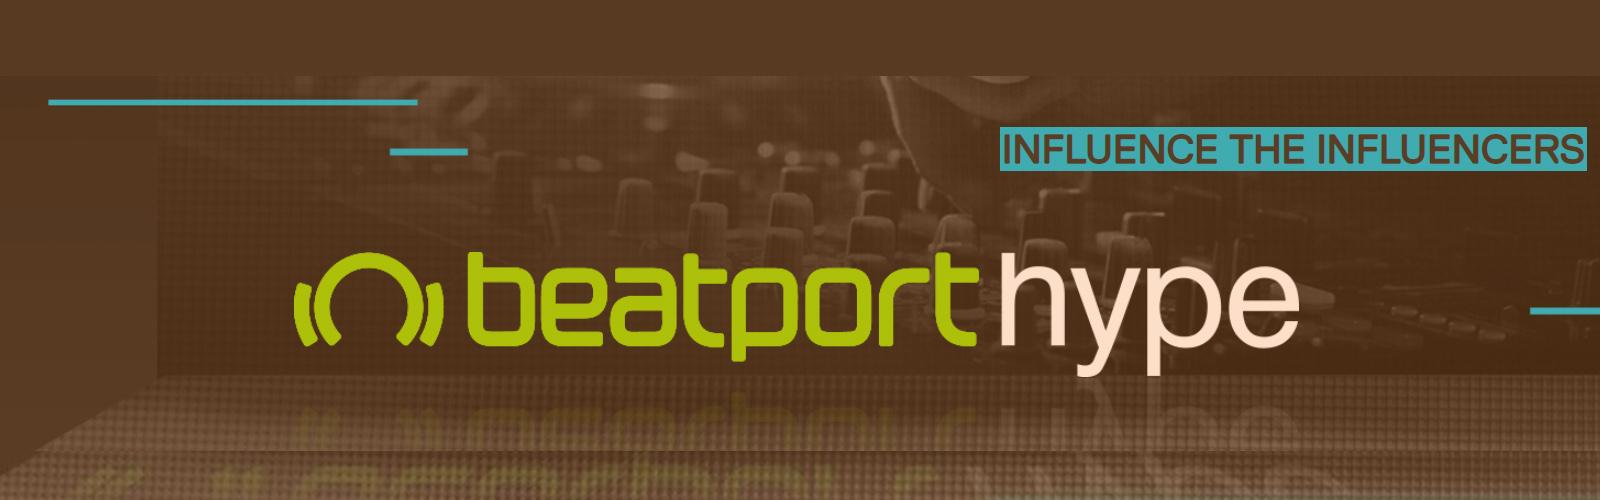 BEATPORT HYPE: un buon affare per gli artisti indie emergenti?